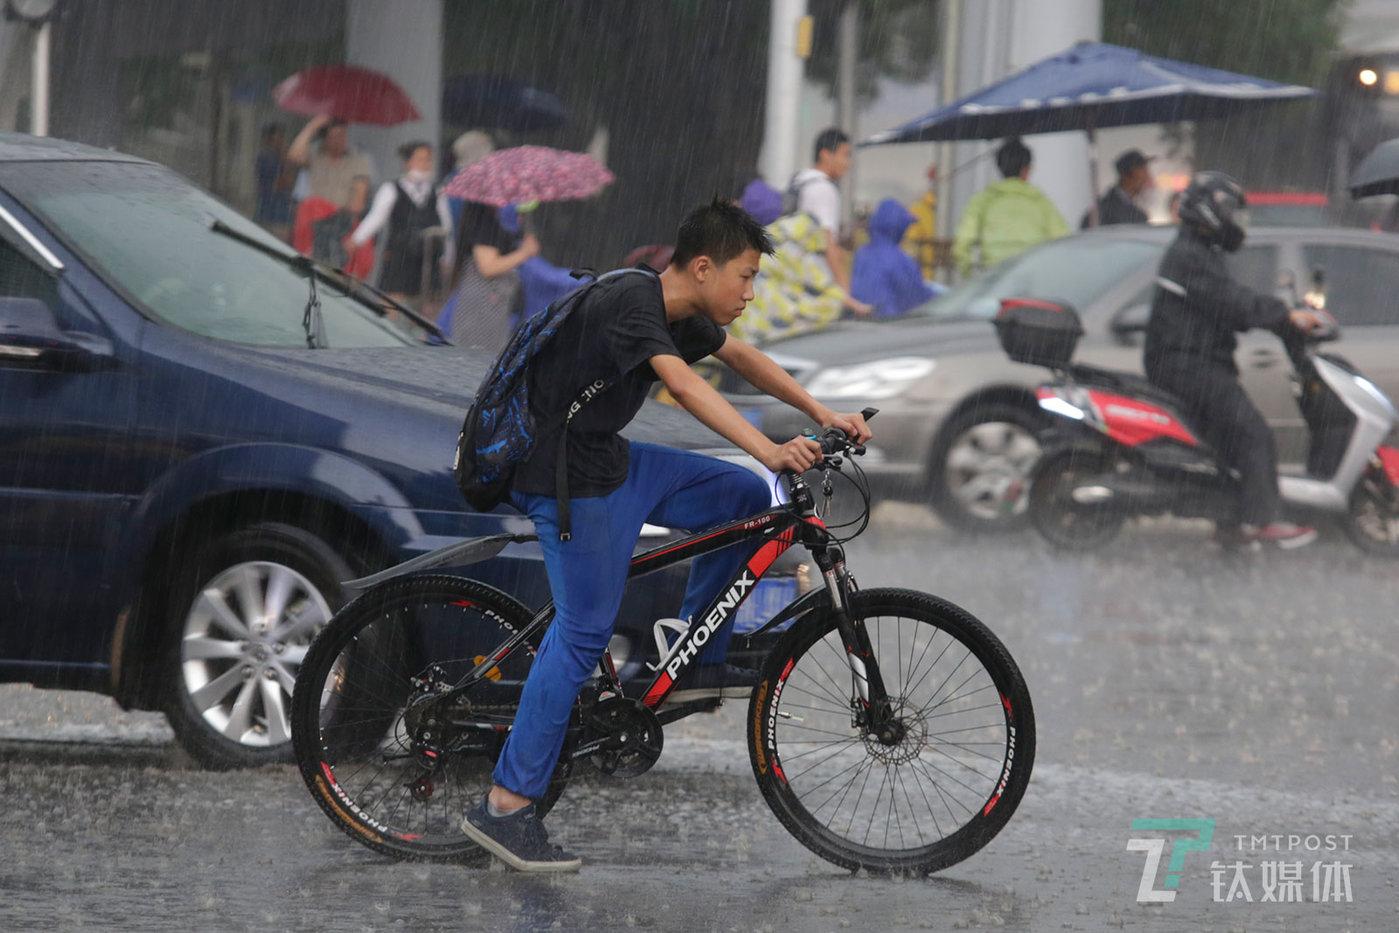 """【雨中""""沉思""""】6月12日下午,北京,突如其来的大雨让人措手不及。一名冒雨骑行的学生在等待红绿灯时,仿佛陷入了沉思。"""